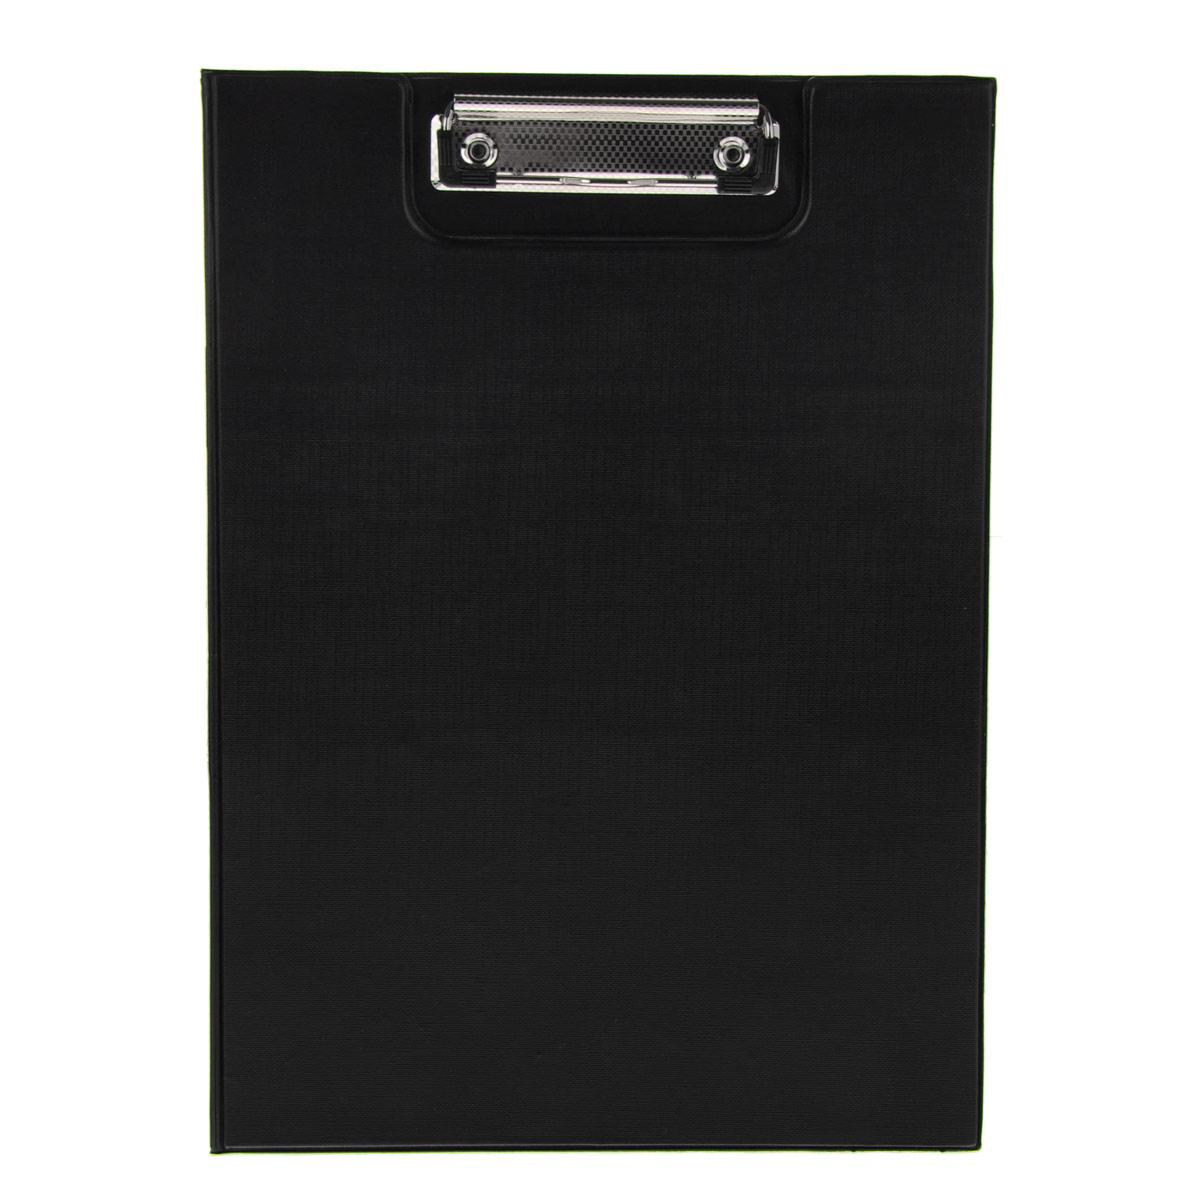 Папка-планшет Centrum, с крышкой, цвет: черный. Формат А480028Папка-планшет (клипборд) Centrum - это удобный и практичный инструмент для работы с документацией.Клипборд изготовлен из жесткого картона, обтянутого пленкой из ПВХ. Благодаря своей жесткости папка-планшет позволяет делать записи навесу. Металлический зажим надежно фиксирует листы, предотвращая сползание бумаги. Широкая крышка обеспечивает сохранность документов и защищает их от пыли и влаги.Папка-планшет будет незаменима для работы с документацией в дороге или на складе, а также может быть использована для подготовки и хранения текстов выступлений или докладов.